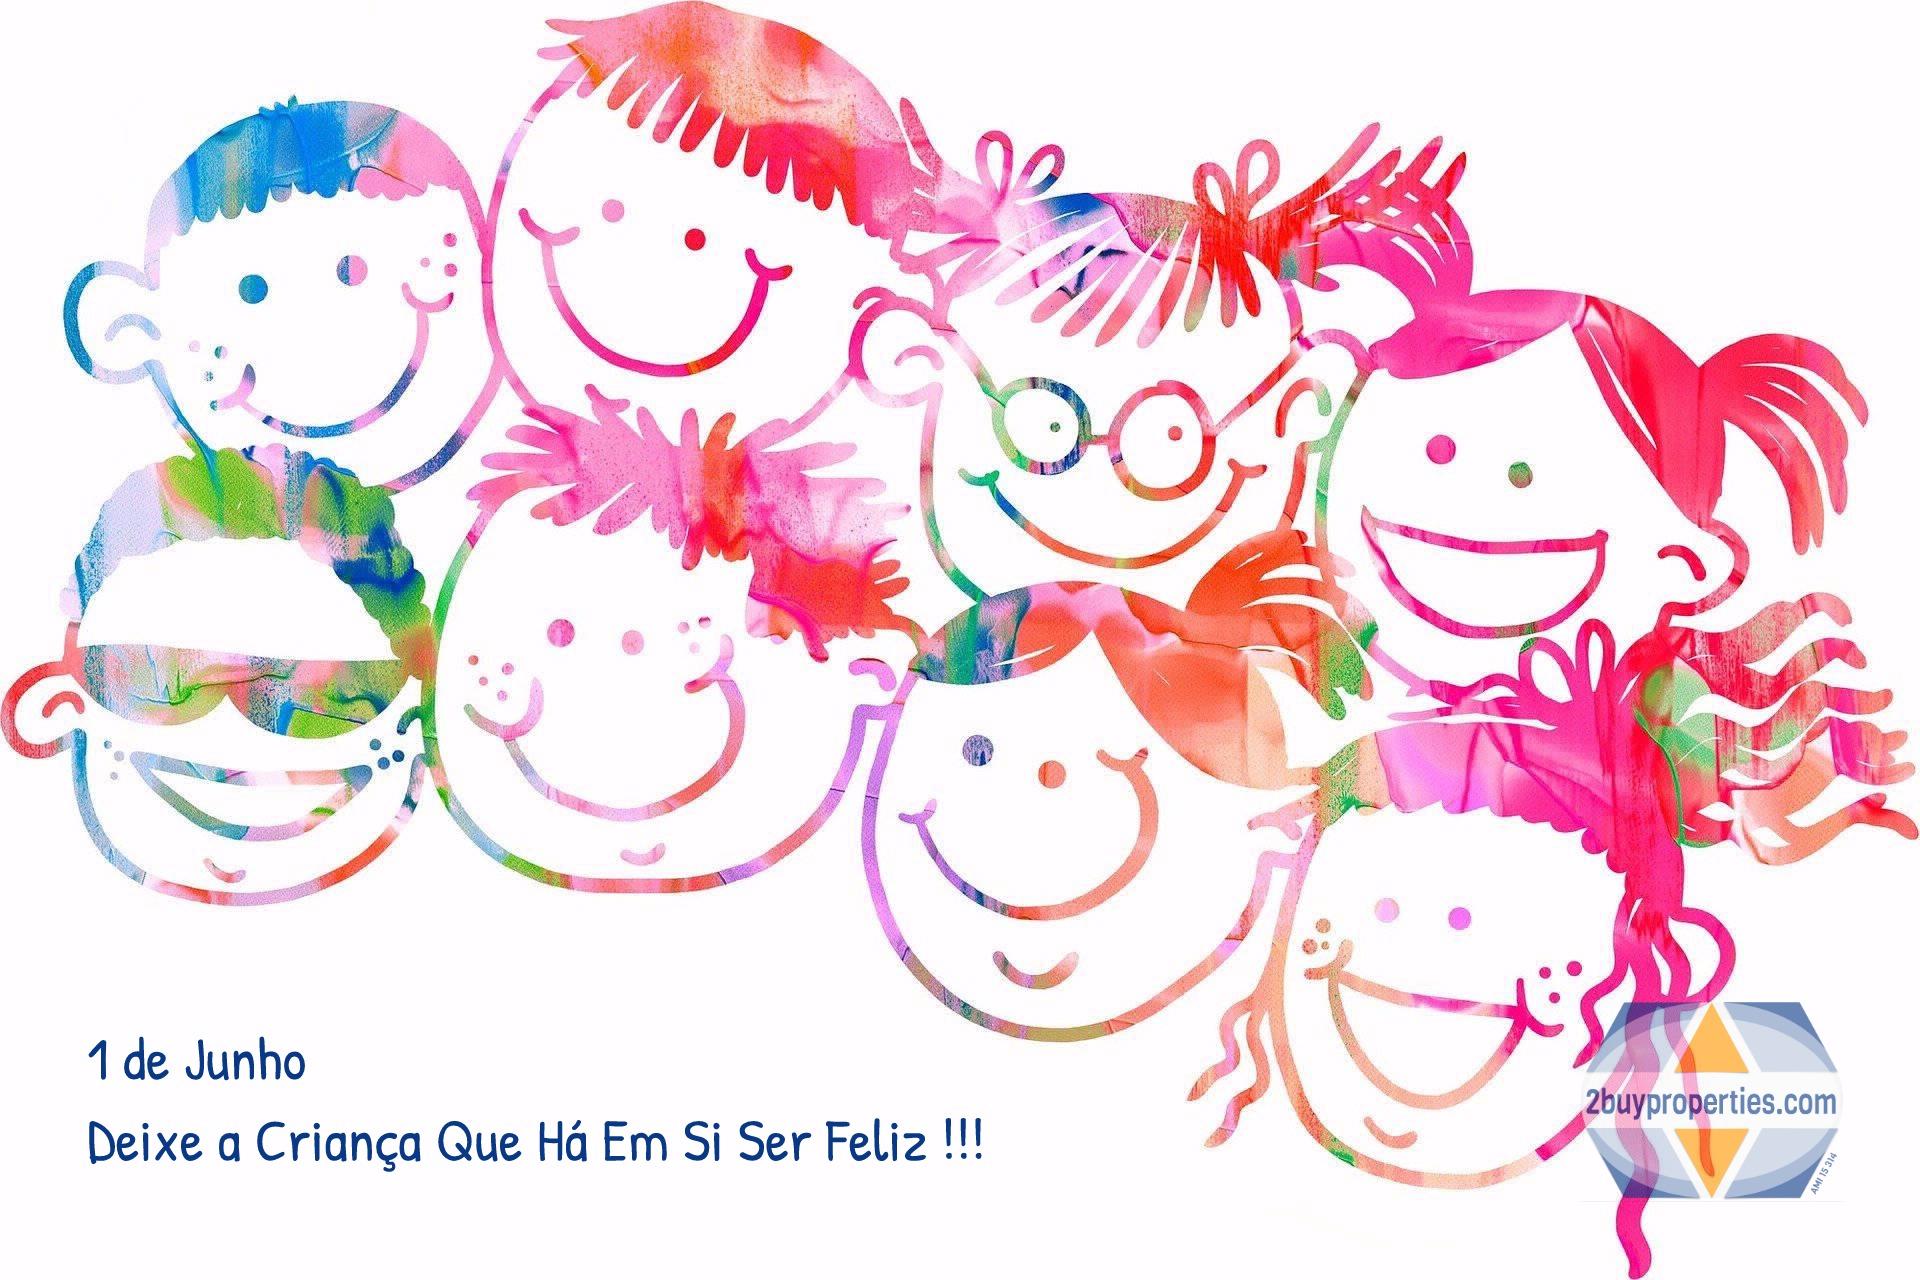 1 de Junho, Deixe A Criança Que Há Em Si Ser Feliz !!!